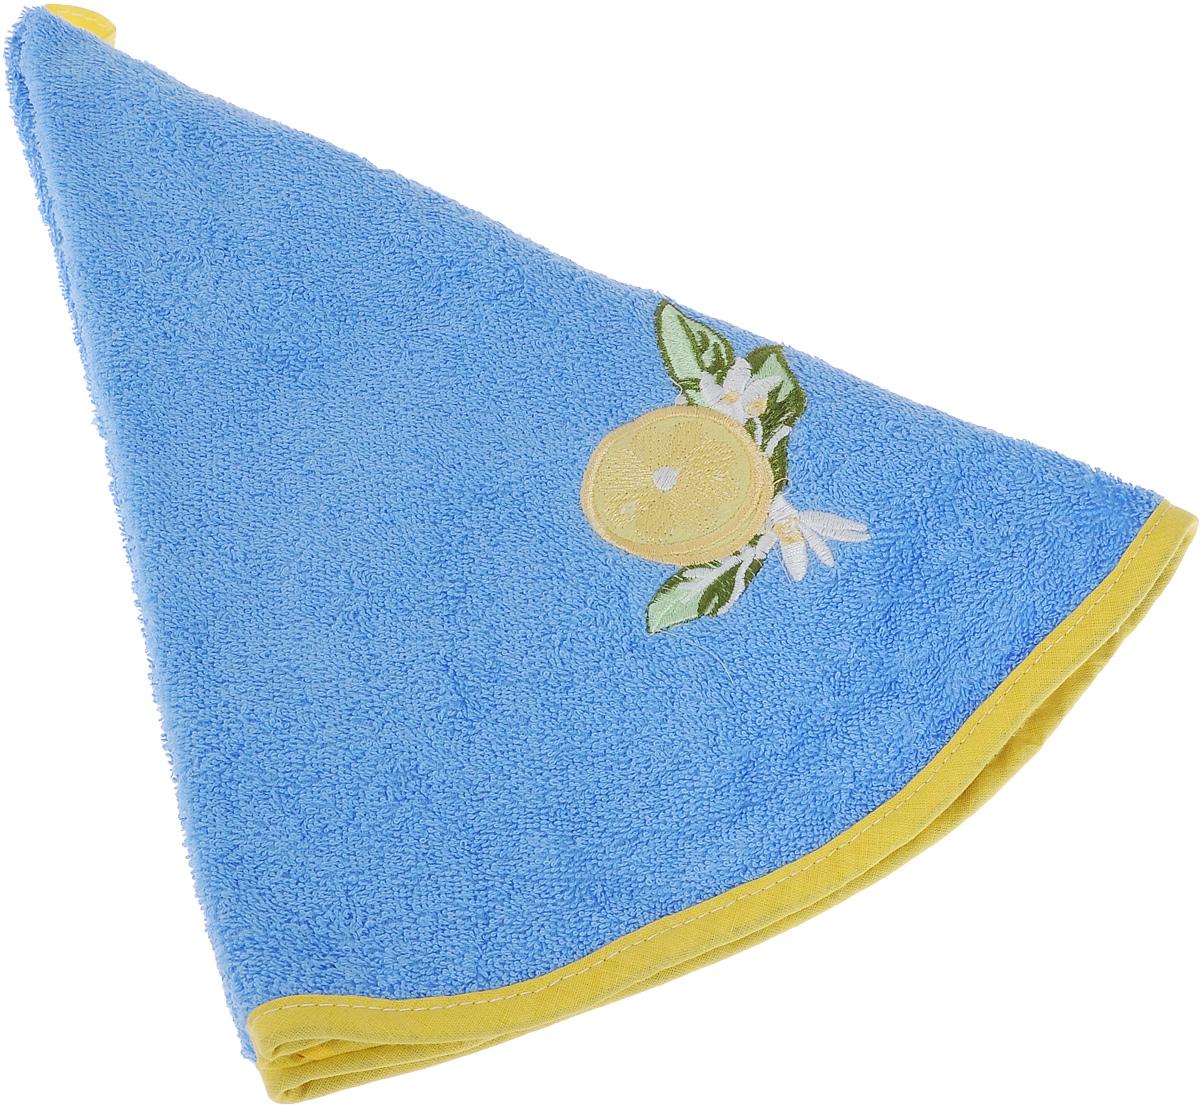 Полотенце Soavita, цвет: голубой, диаметр 70 см48811Круглое полотенце Soavita выполнено из 100% хлопка. Изделие отлично впитывает влагу, быстро сохнет, сохраняет яркость цвета и не теряет форму даже после многократных стирок. Полотенце очень практично и неприхотливо в уходе. Оно создаст прекрасное настроение и украсит интерьер в ванной комнате.